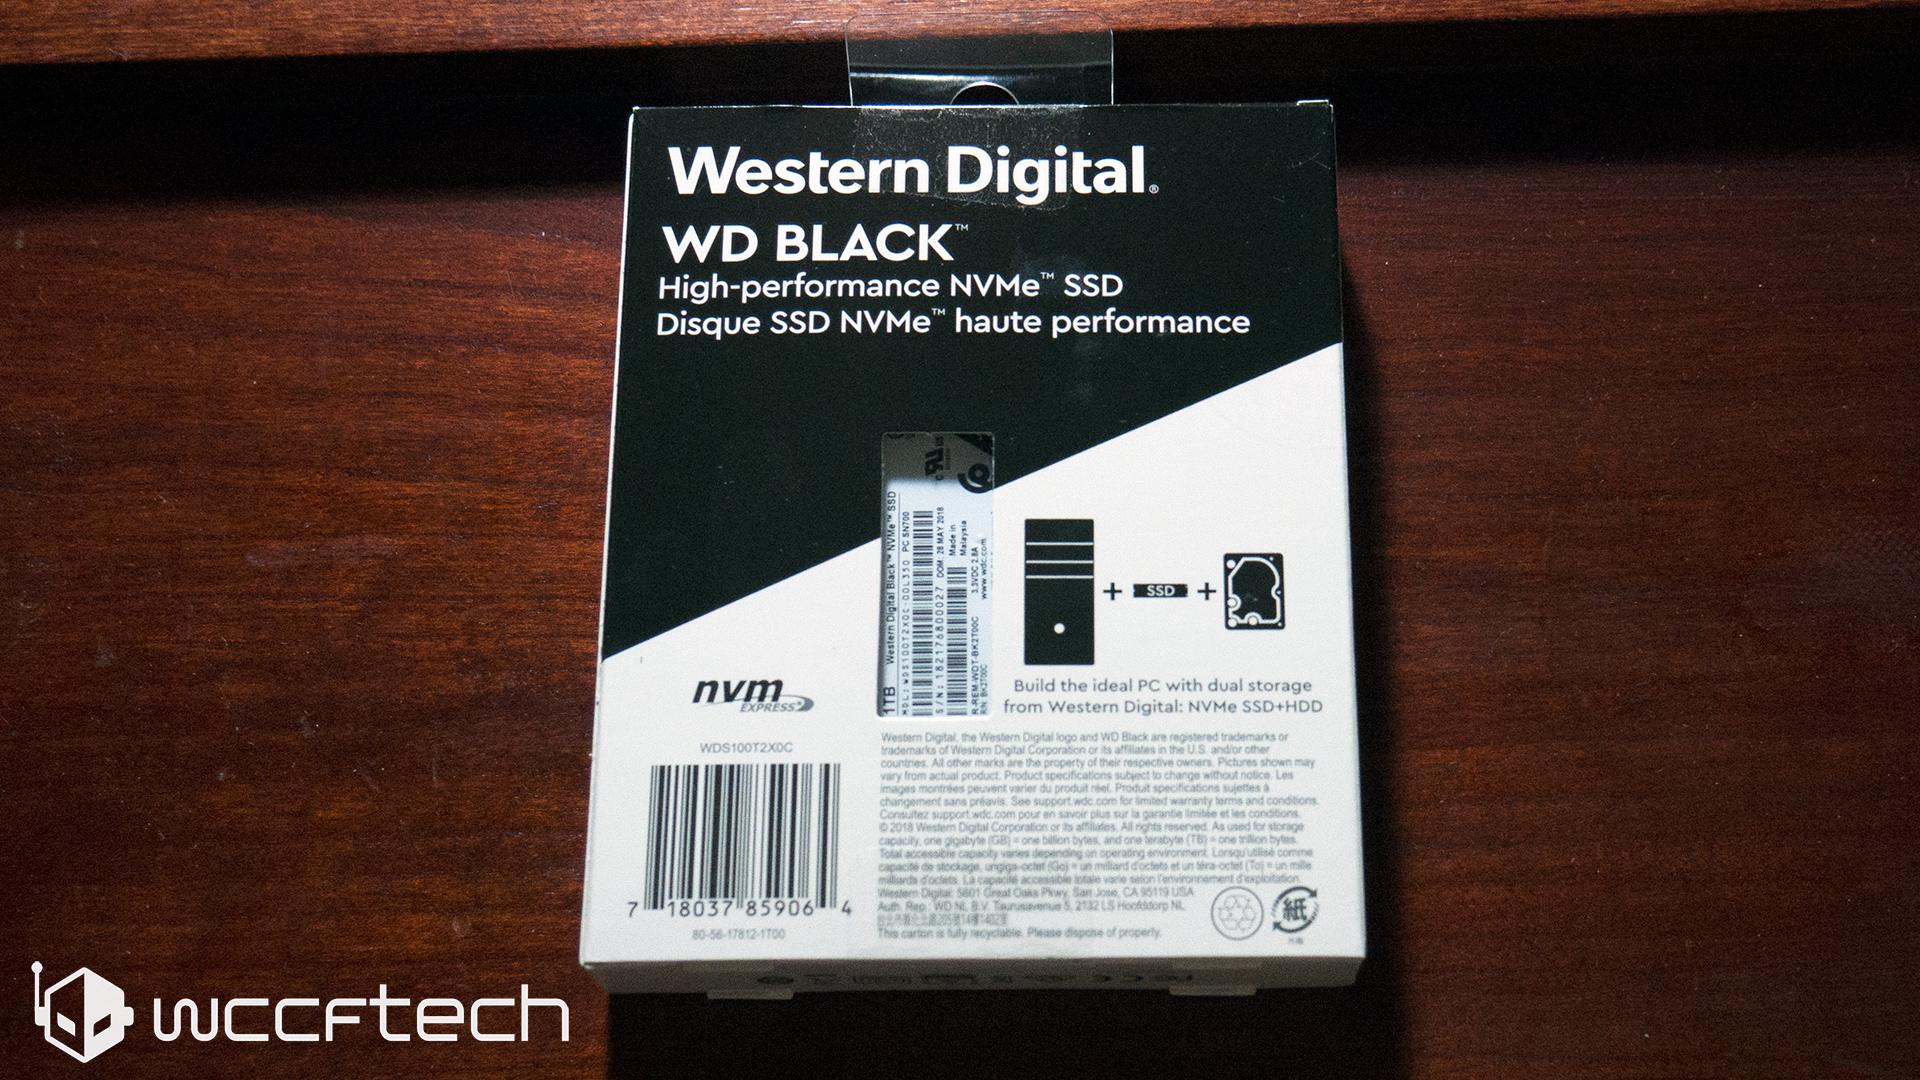 wd-black-nvme-1tb-box-2